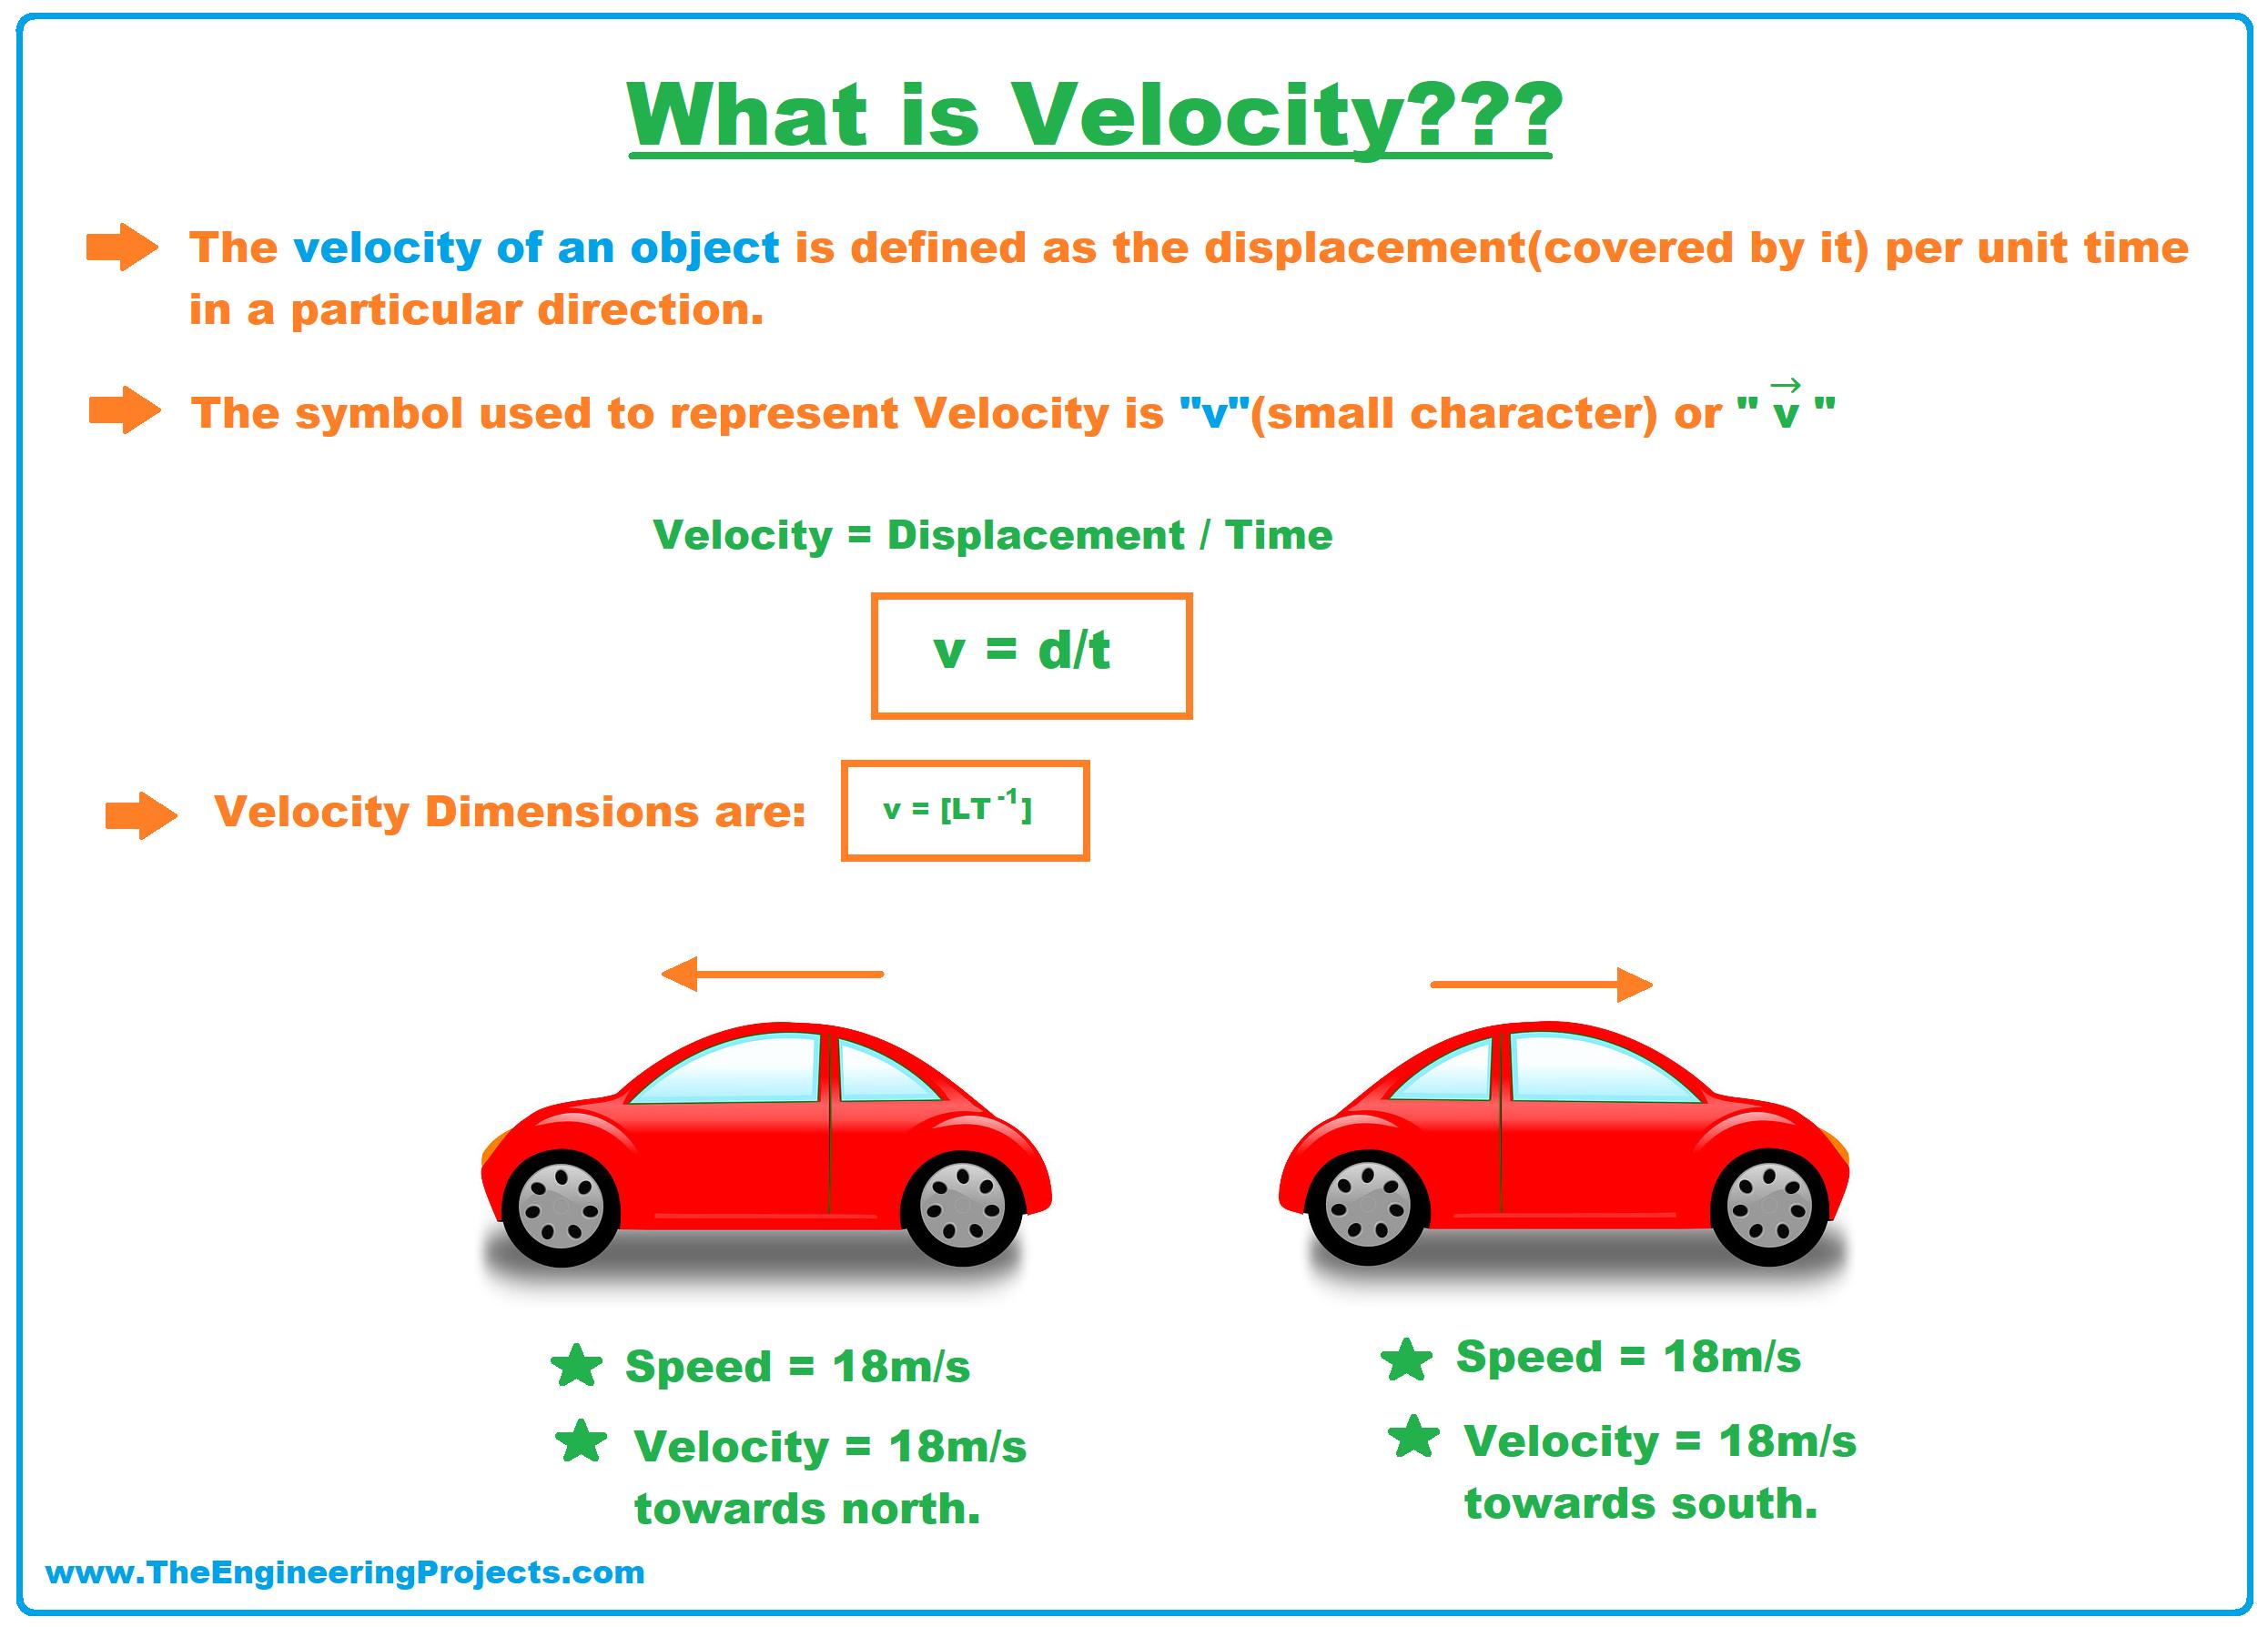 velocity, what is velocity, types of velocity, velocity types, velocity formula, velocity dimension, velocity symbol, velocity vs speed, speed vs velocity